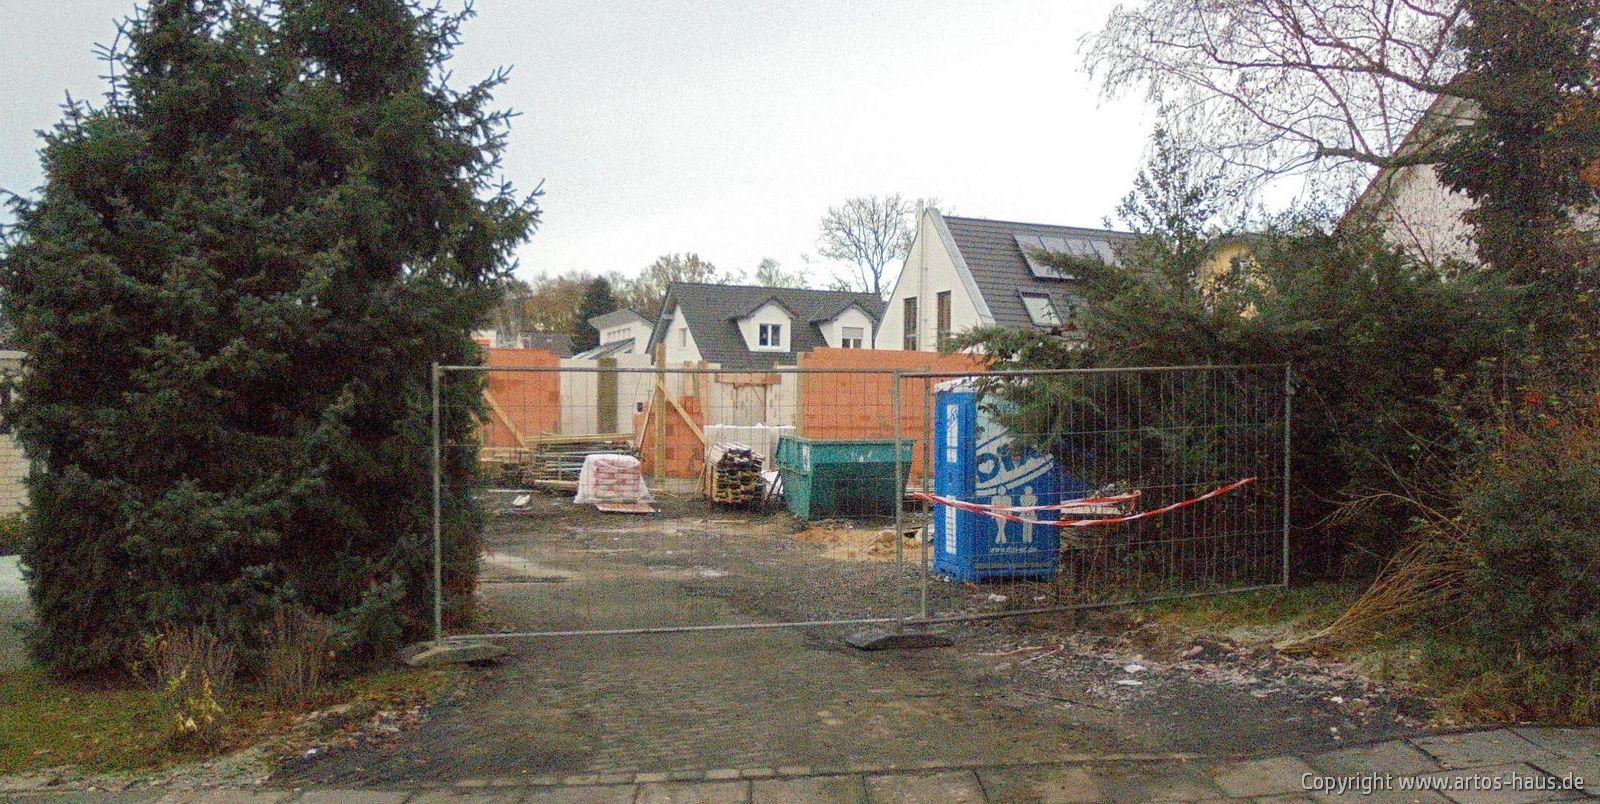 Blick auf die Baustelle, im Dezember 2020. Rohbau EG